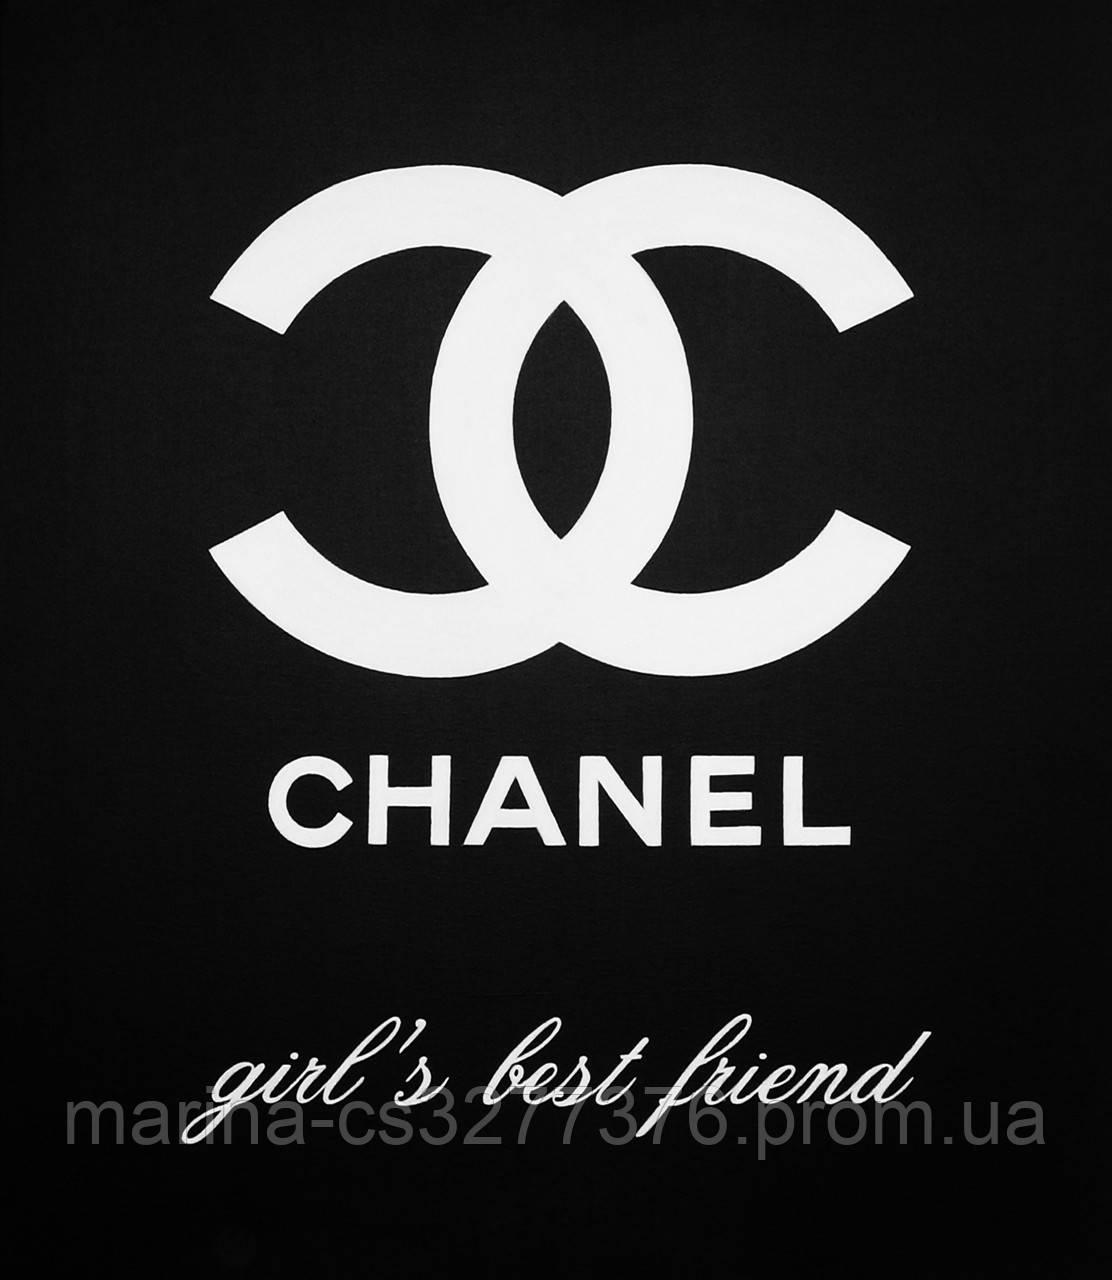 Картина с блестками Шанель лучший друг девушек 60х70 см холст масло акрил галерейная натяжка поп-арт